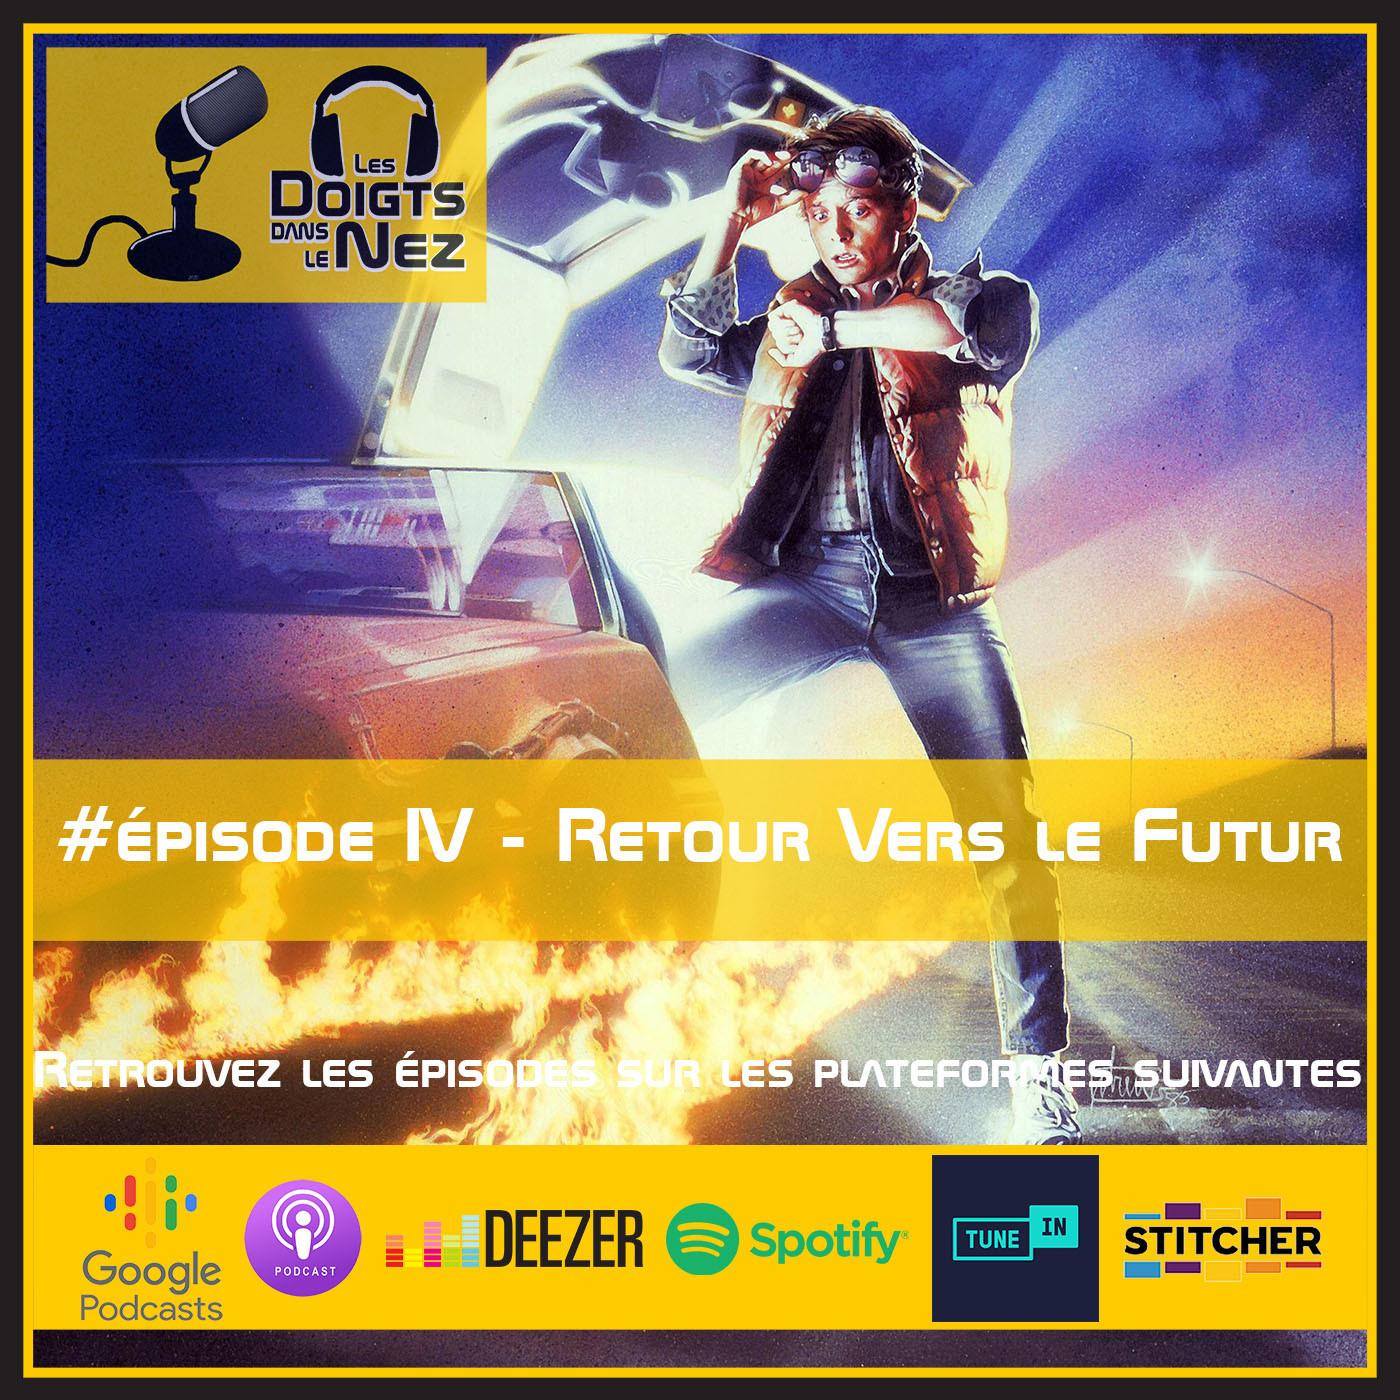 #Episode IV - Retour Vers Le Futur